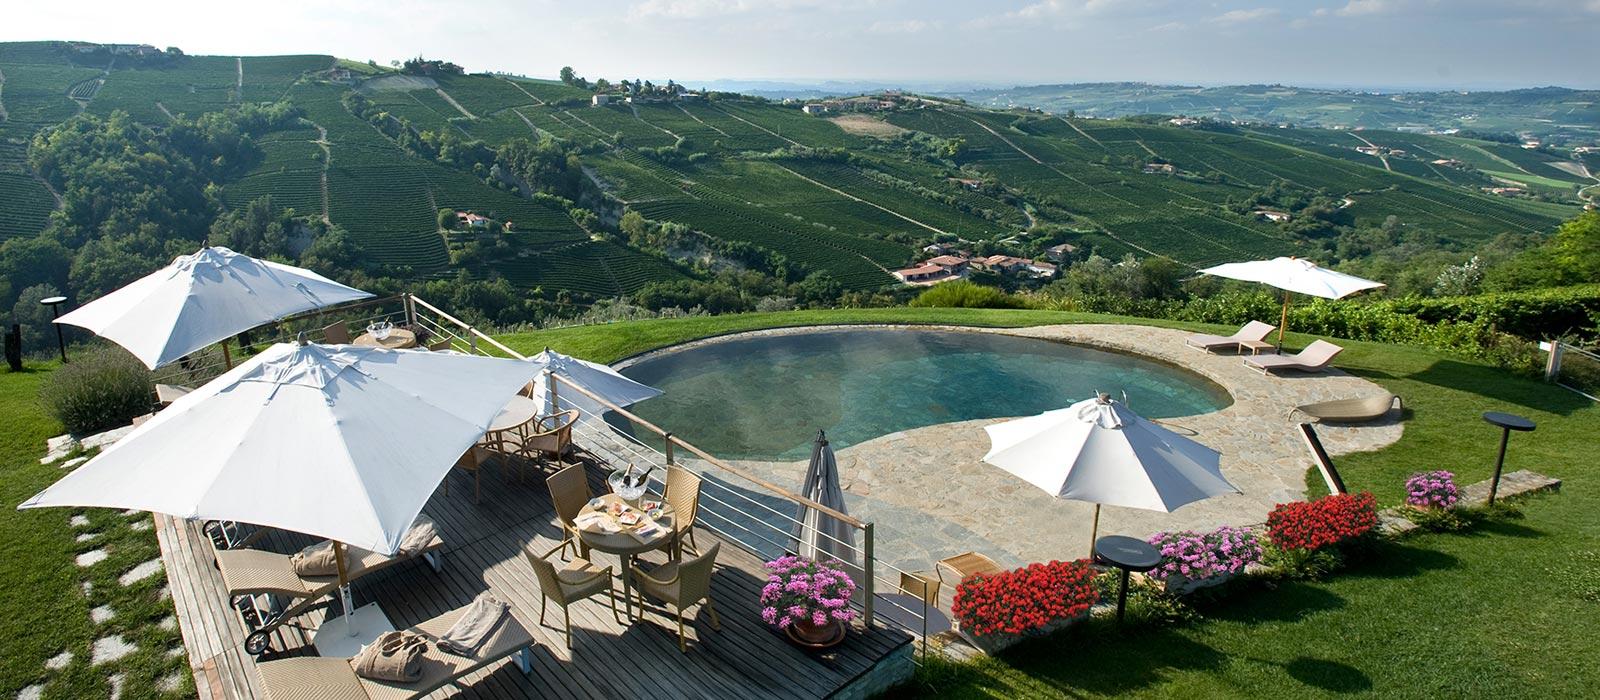 Hotel con piscina nelle Langhe - Albergo Castiglione Langhe